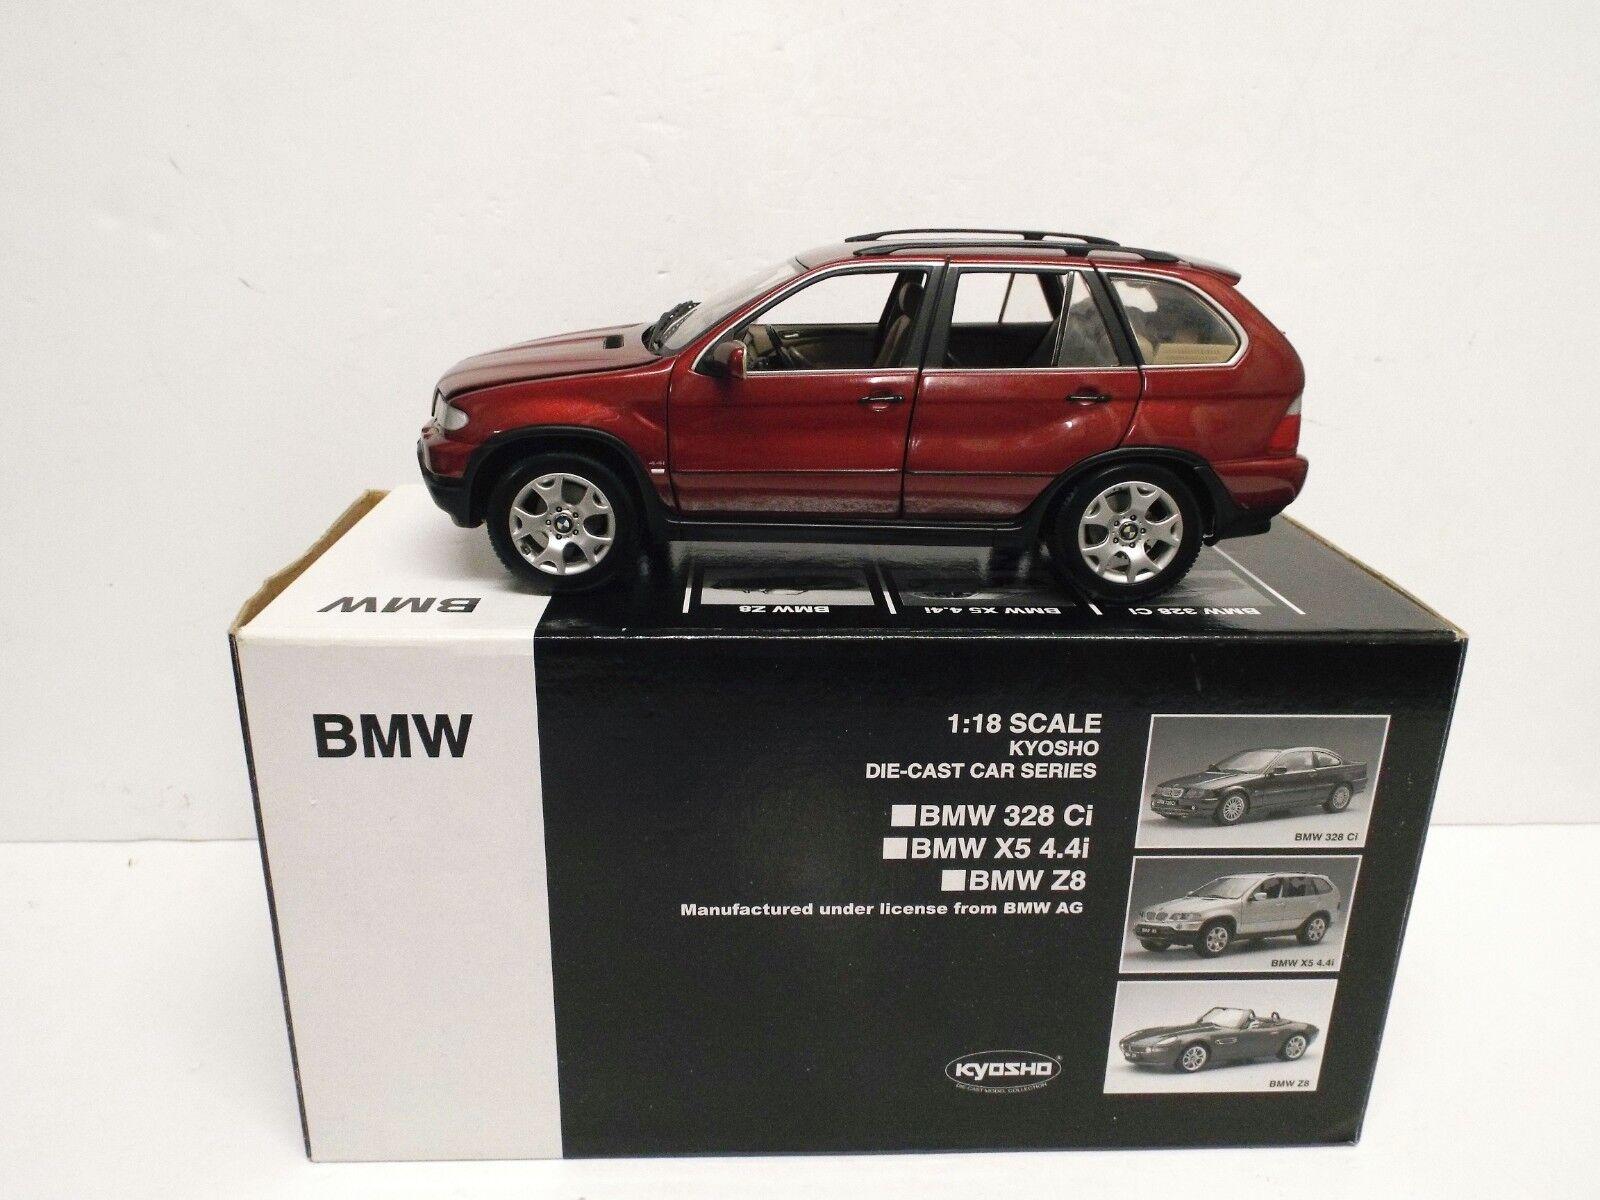 1 18 KYOSHO BMW X5 4X4I Rosso rivenditori modellololo Nuovo di zecca Nuovo di zecca con scatola 1 18 116